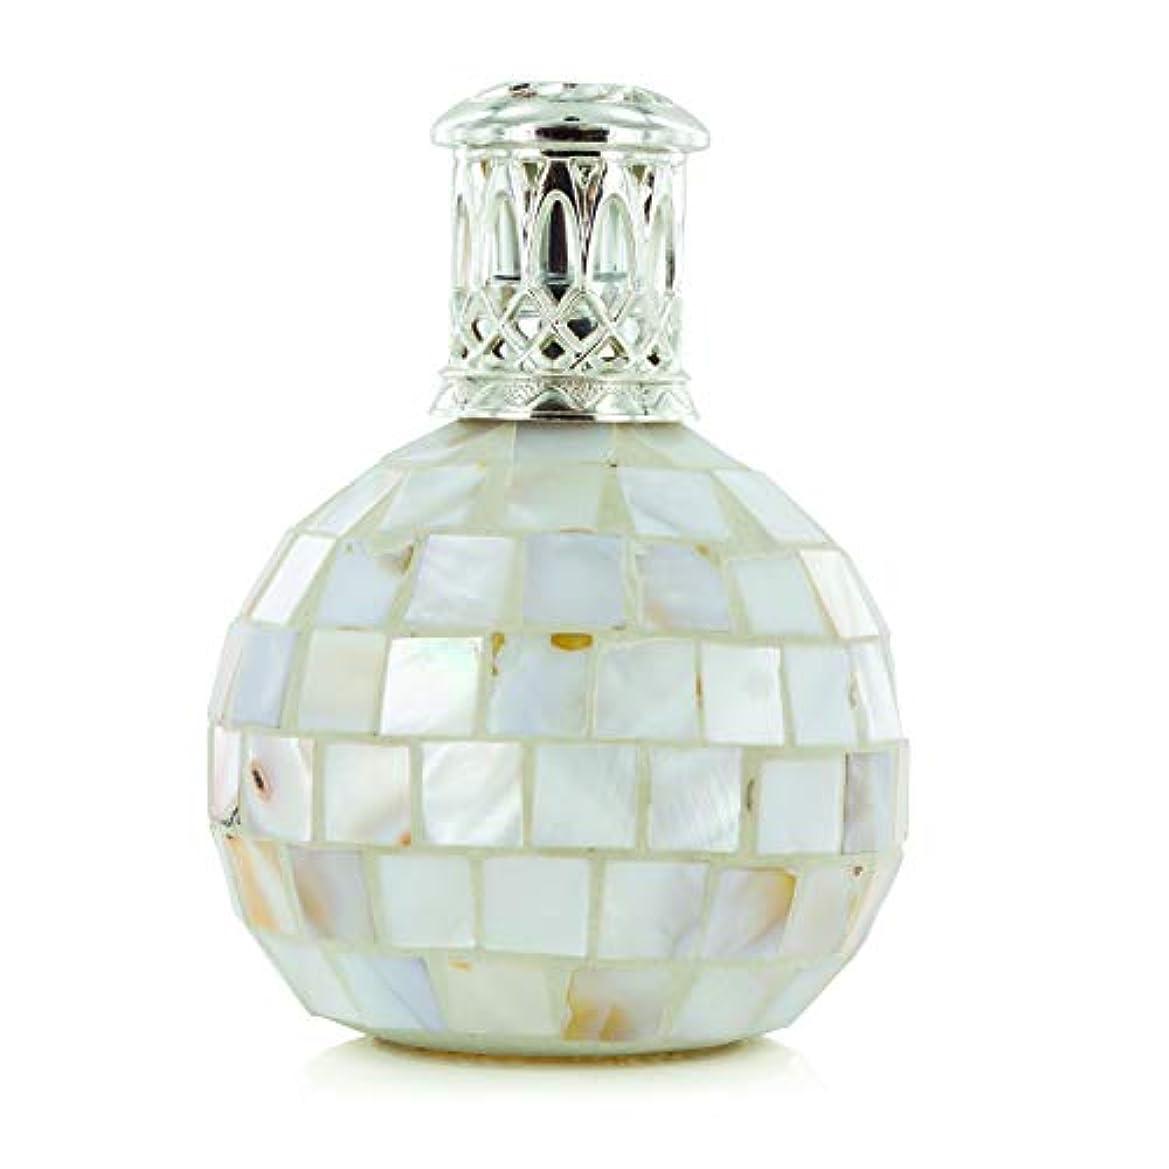 押す耐えられる虐待Ashleigh&Burwood フレグランスランプ S リトルオーシャン FragranceLamps sizeS LittleOcean アシュレイ&バーウッド